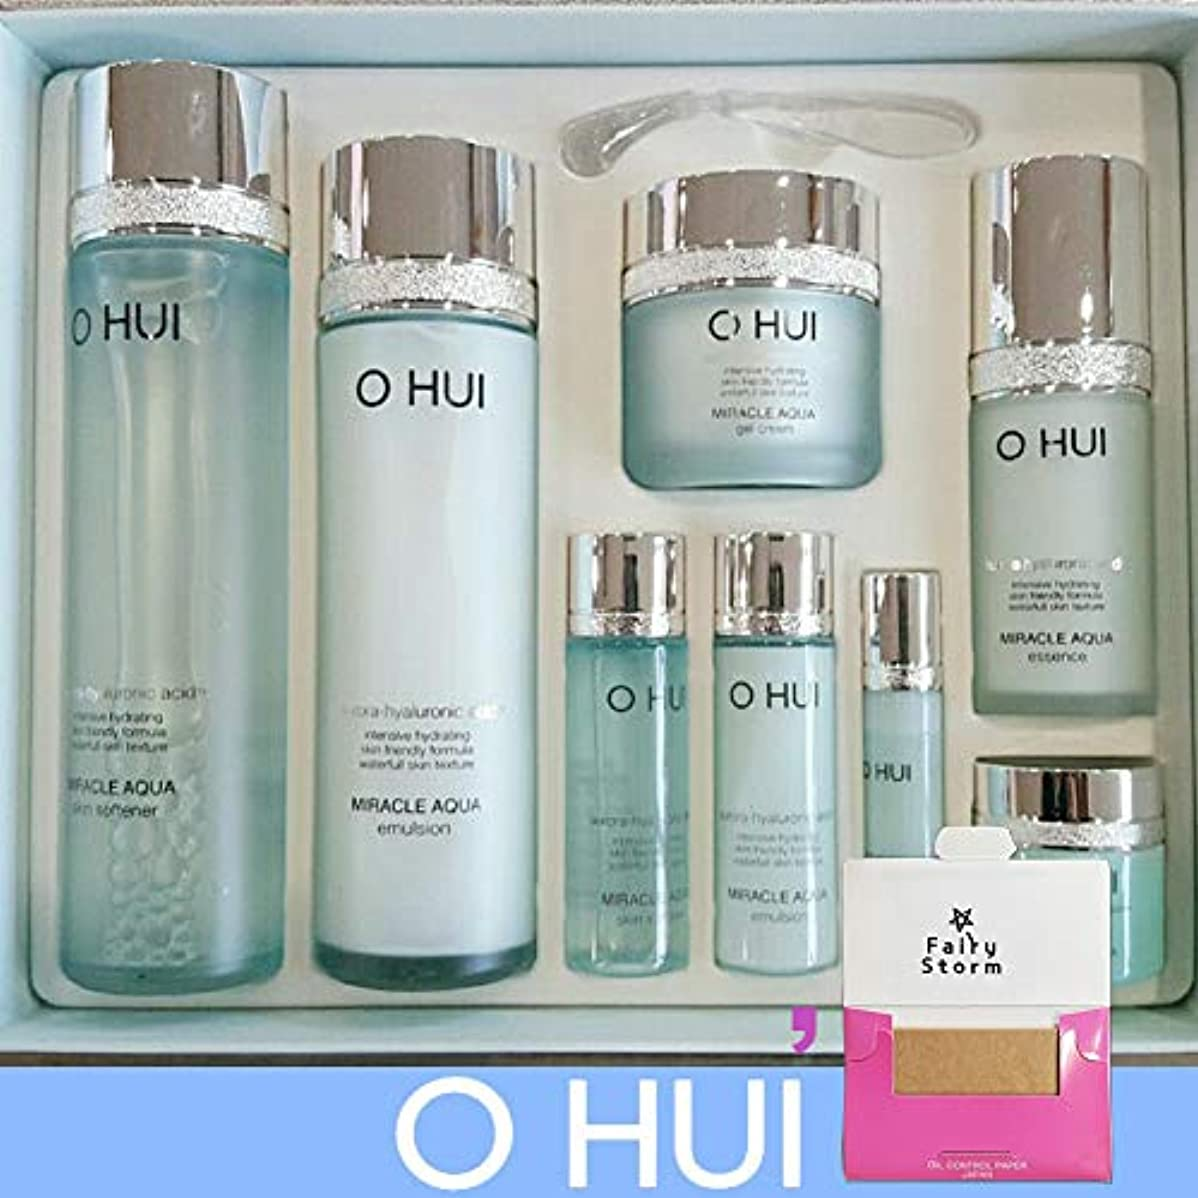 考古学者苦情文句アンテナ[オフィ/ O HUI]韓国化粧品 LG生活健康/ O HUI MIRACLE AQUA SPECIAL SET/ミラクル アクア 4種セット  + [Sample Gift](海外直送品)